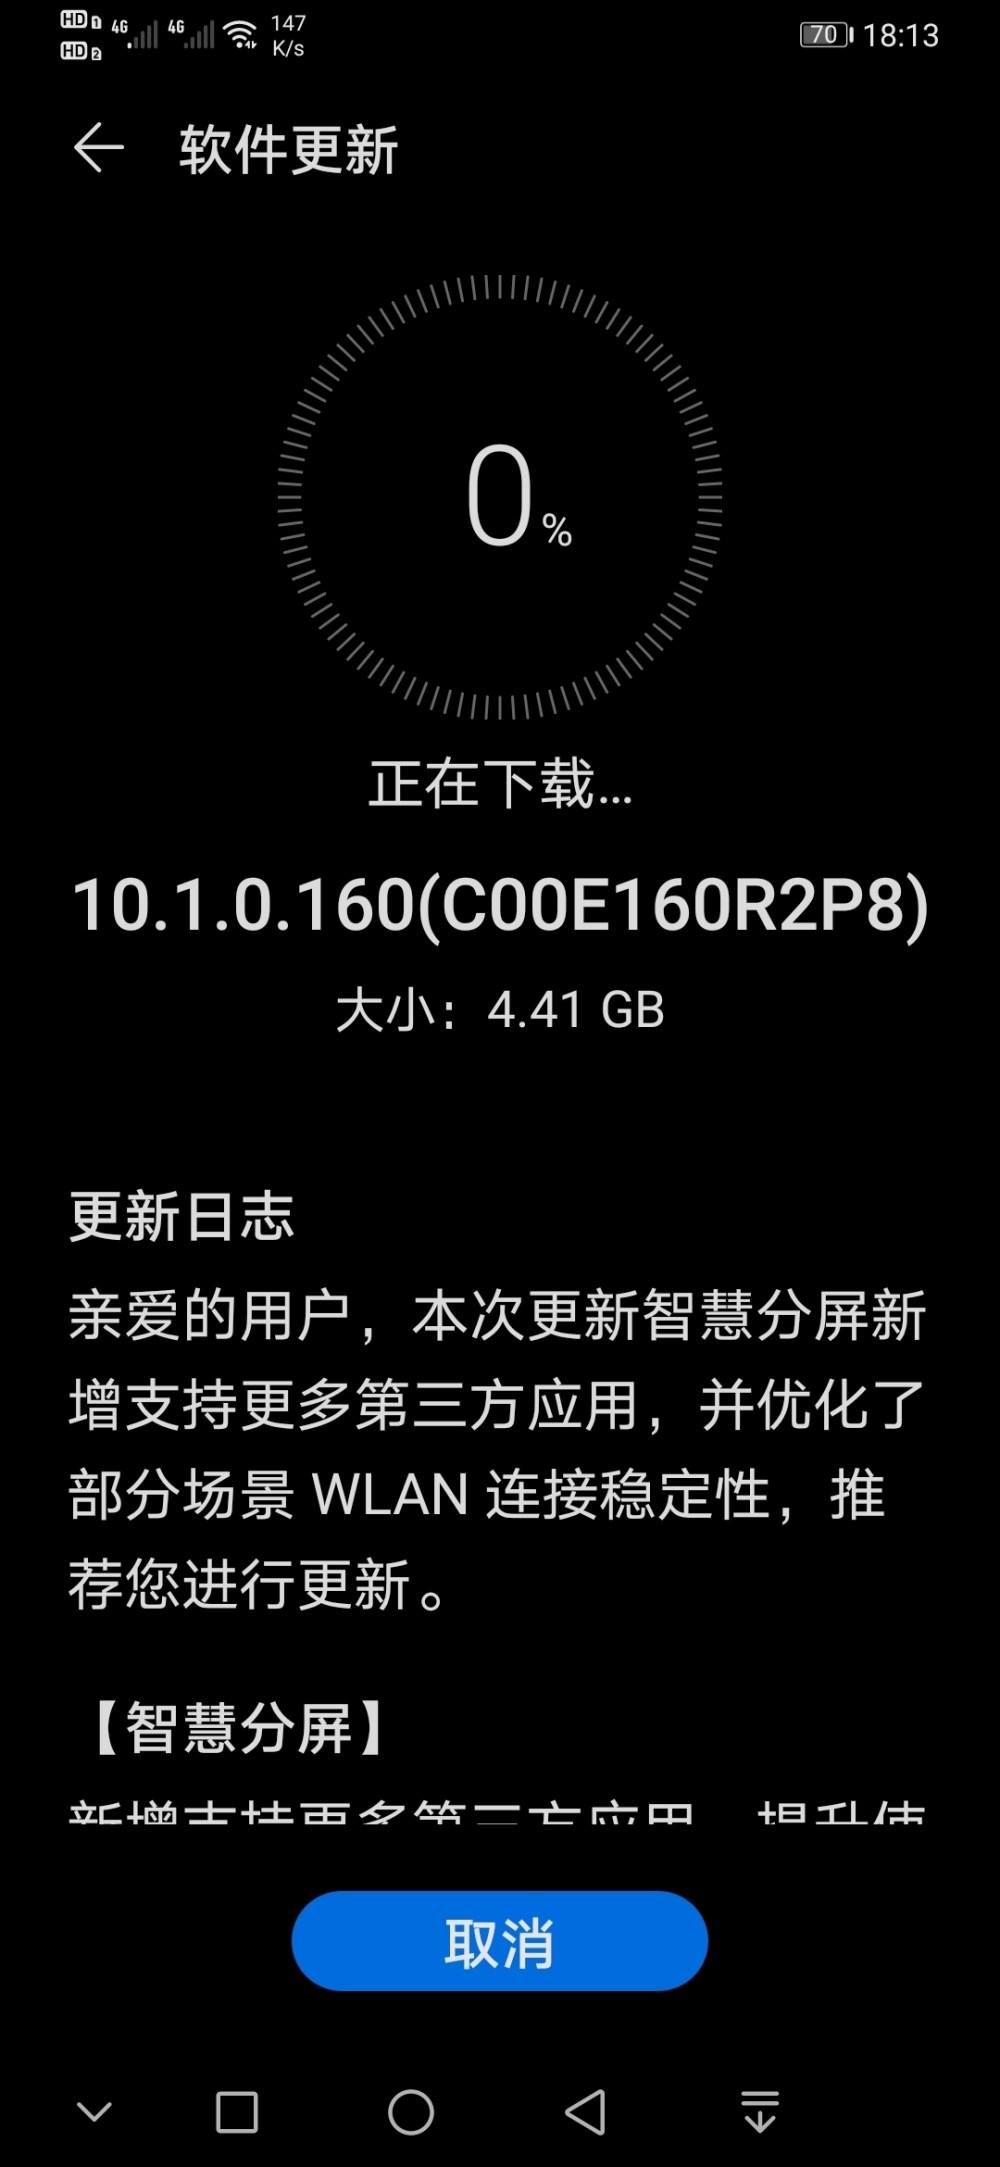 EMUI 10.1.0.160 P30 Series